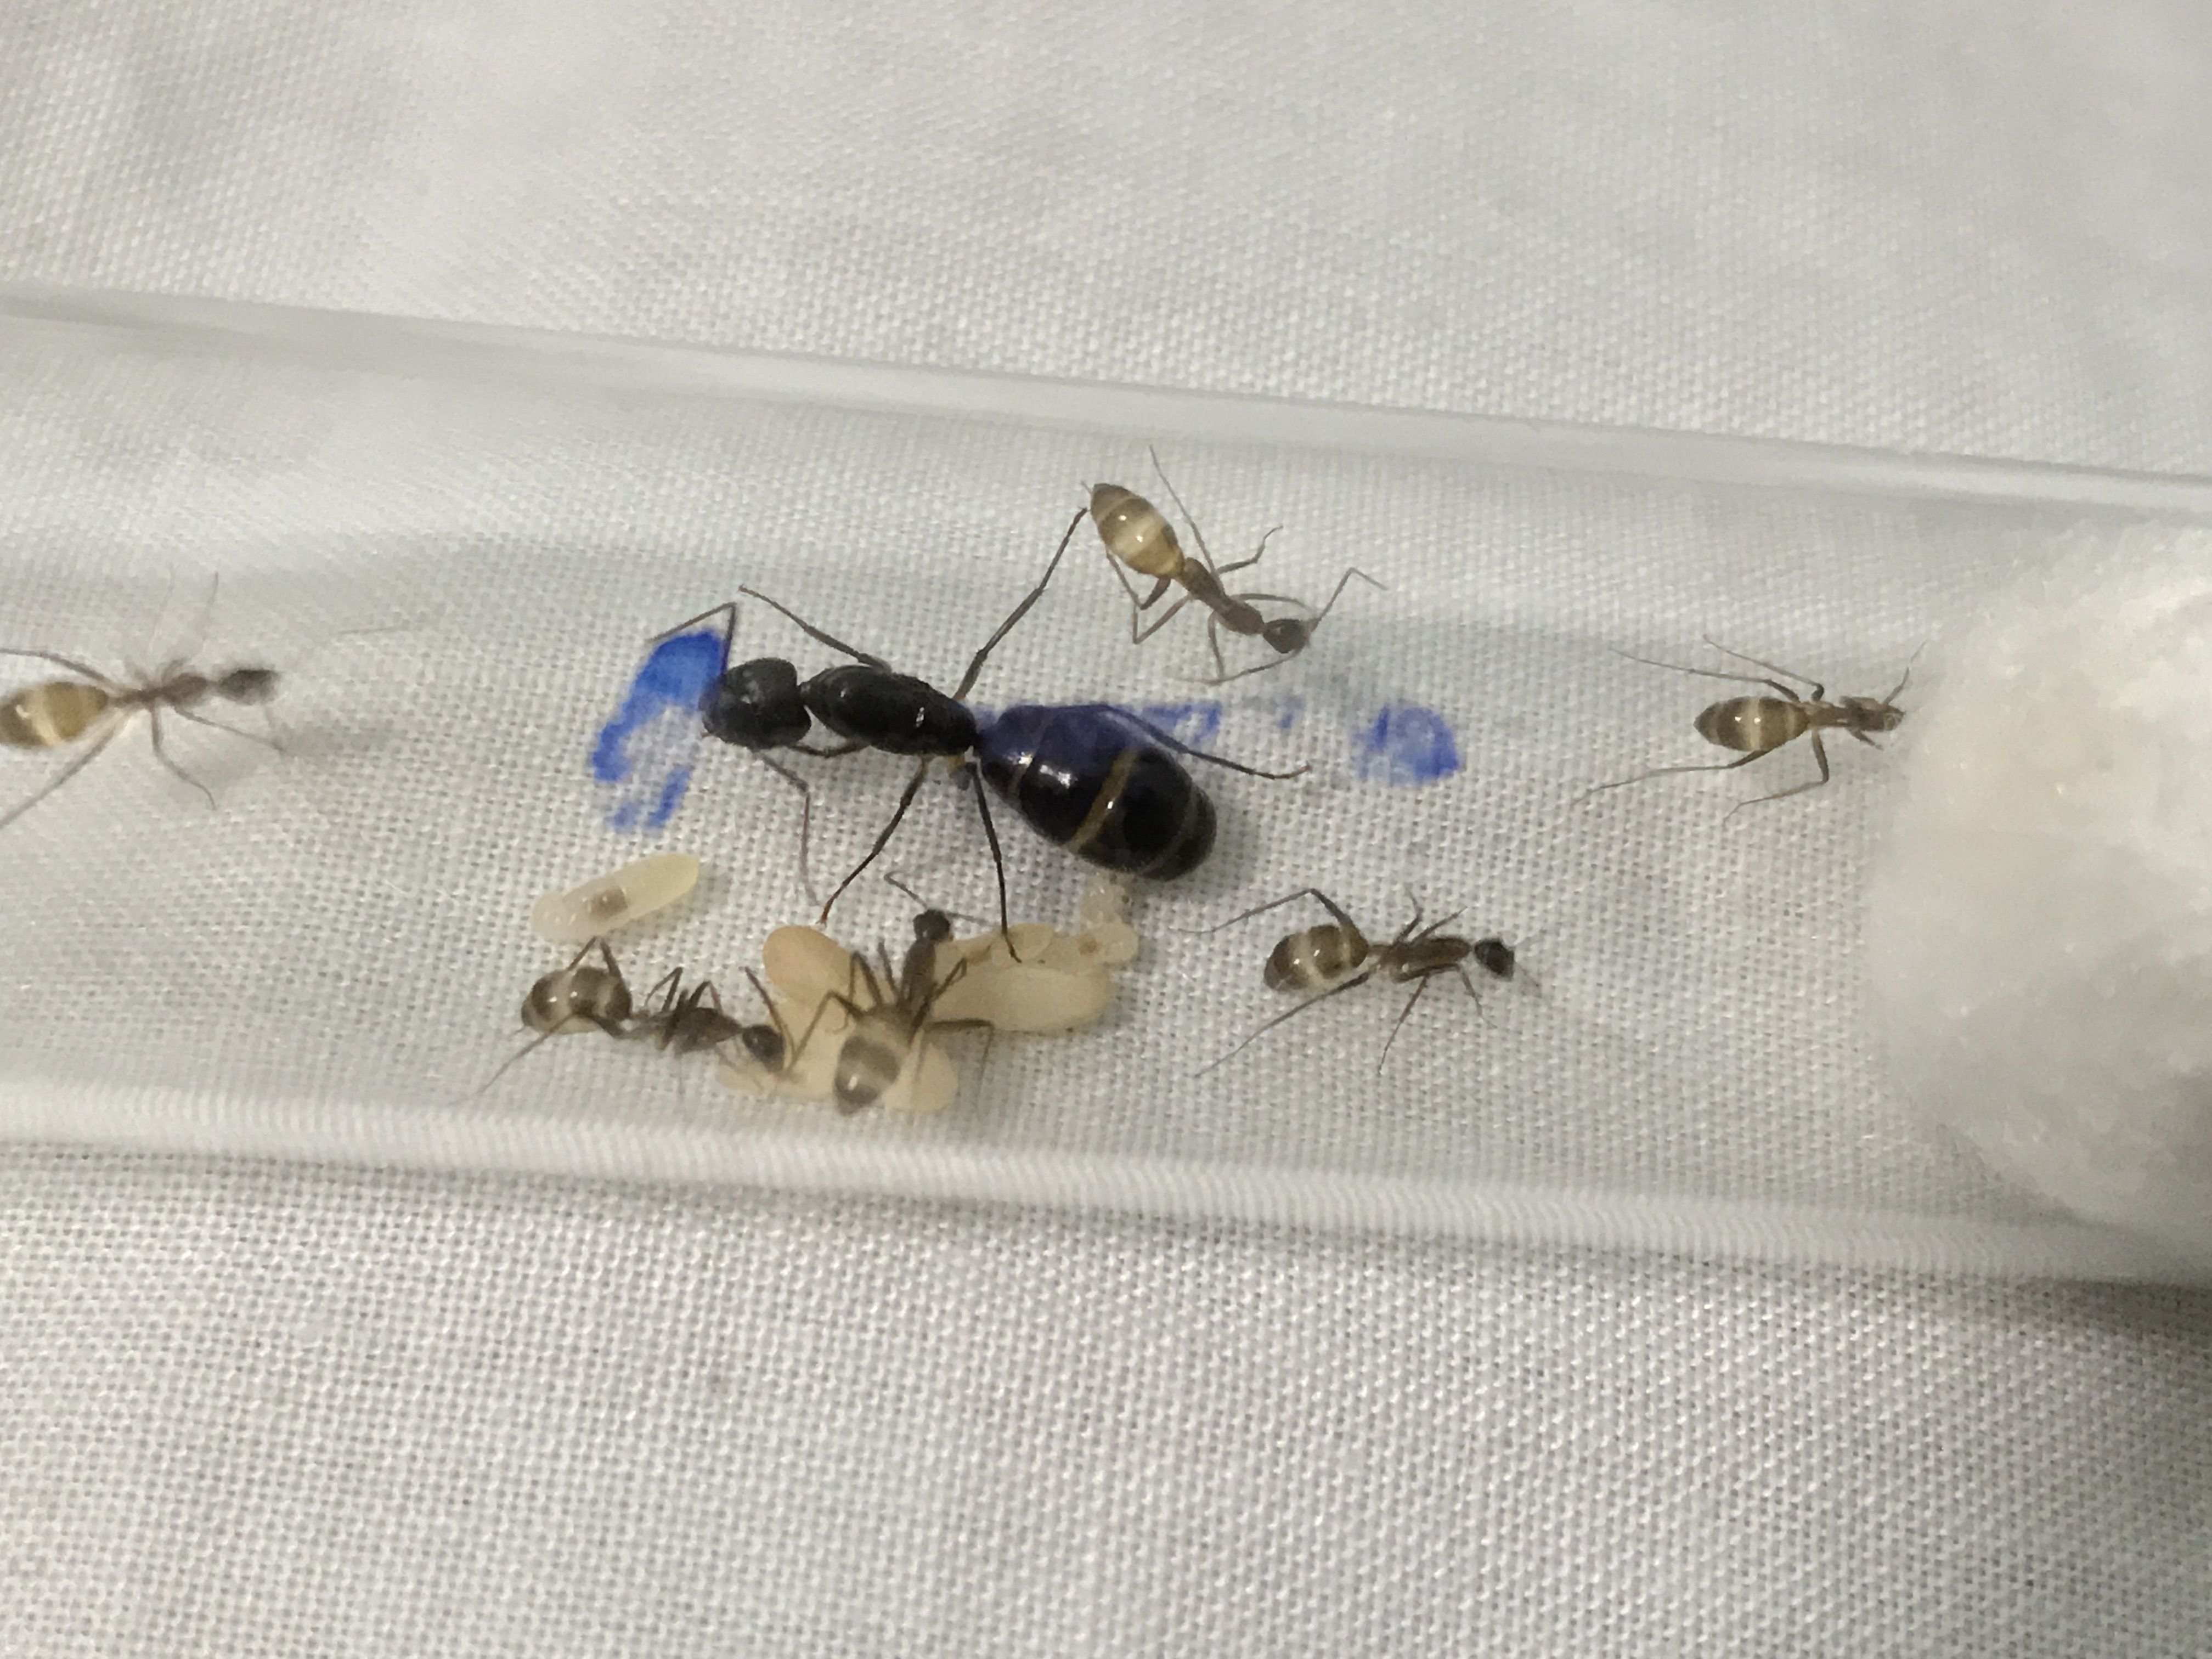 Camponotus irritans